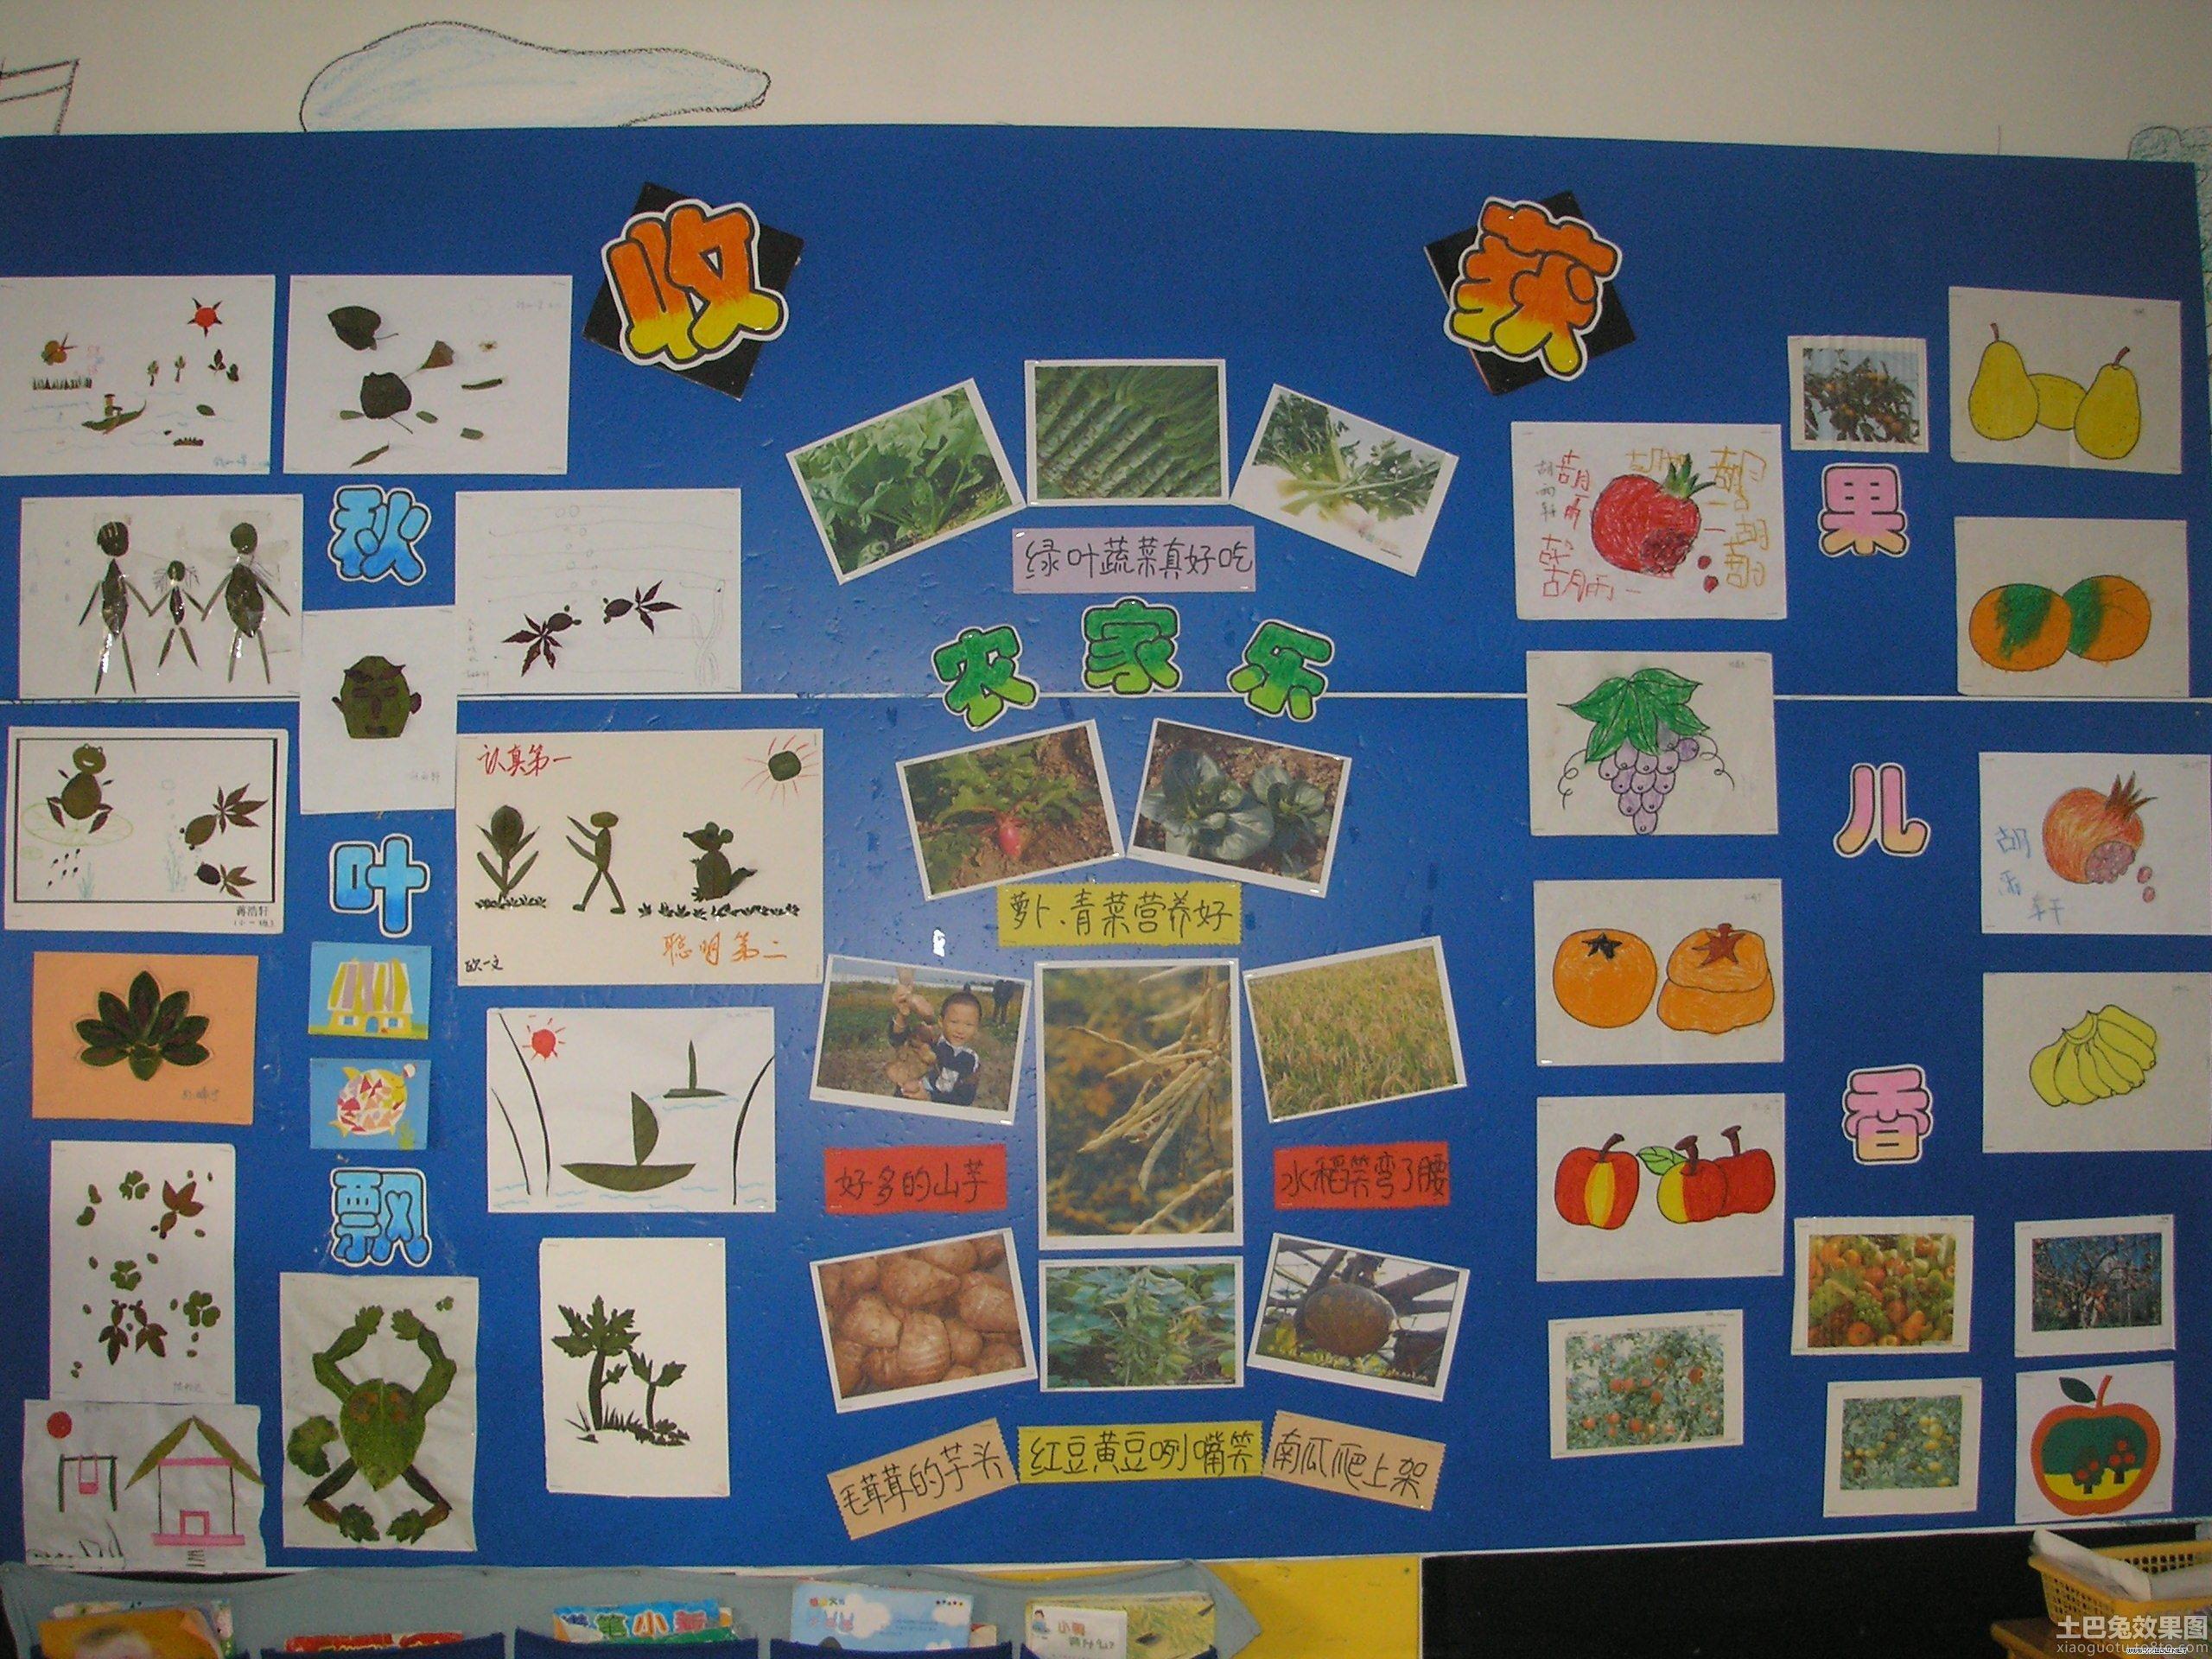 幼儿园照片墙设计图片